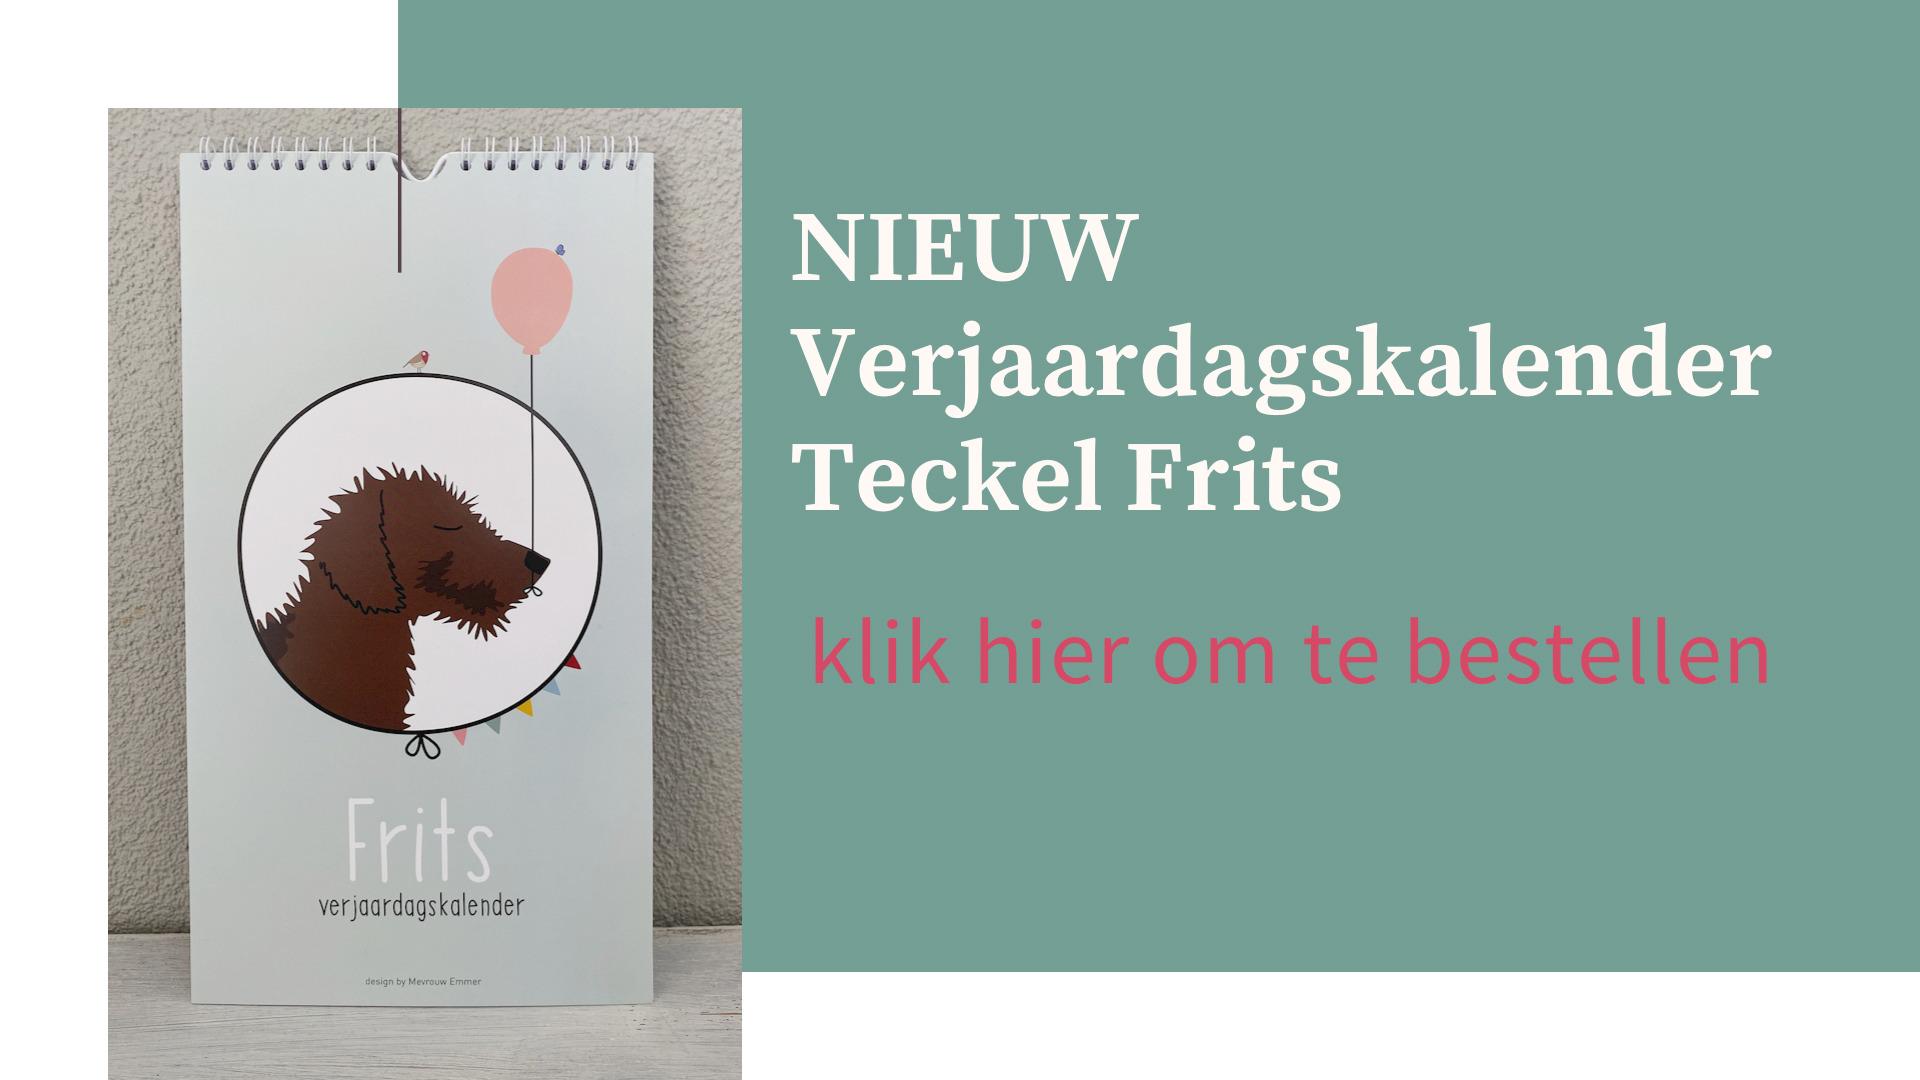 Teckel Frits Verjaardagskalender